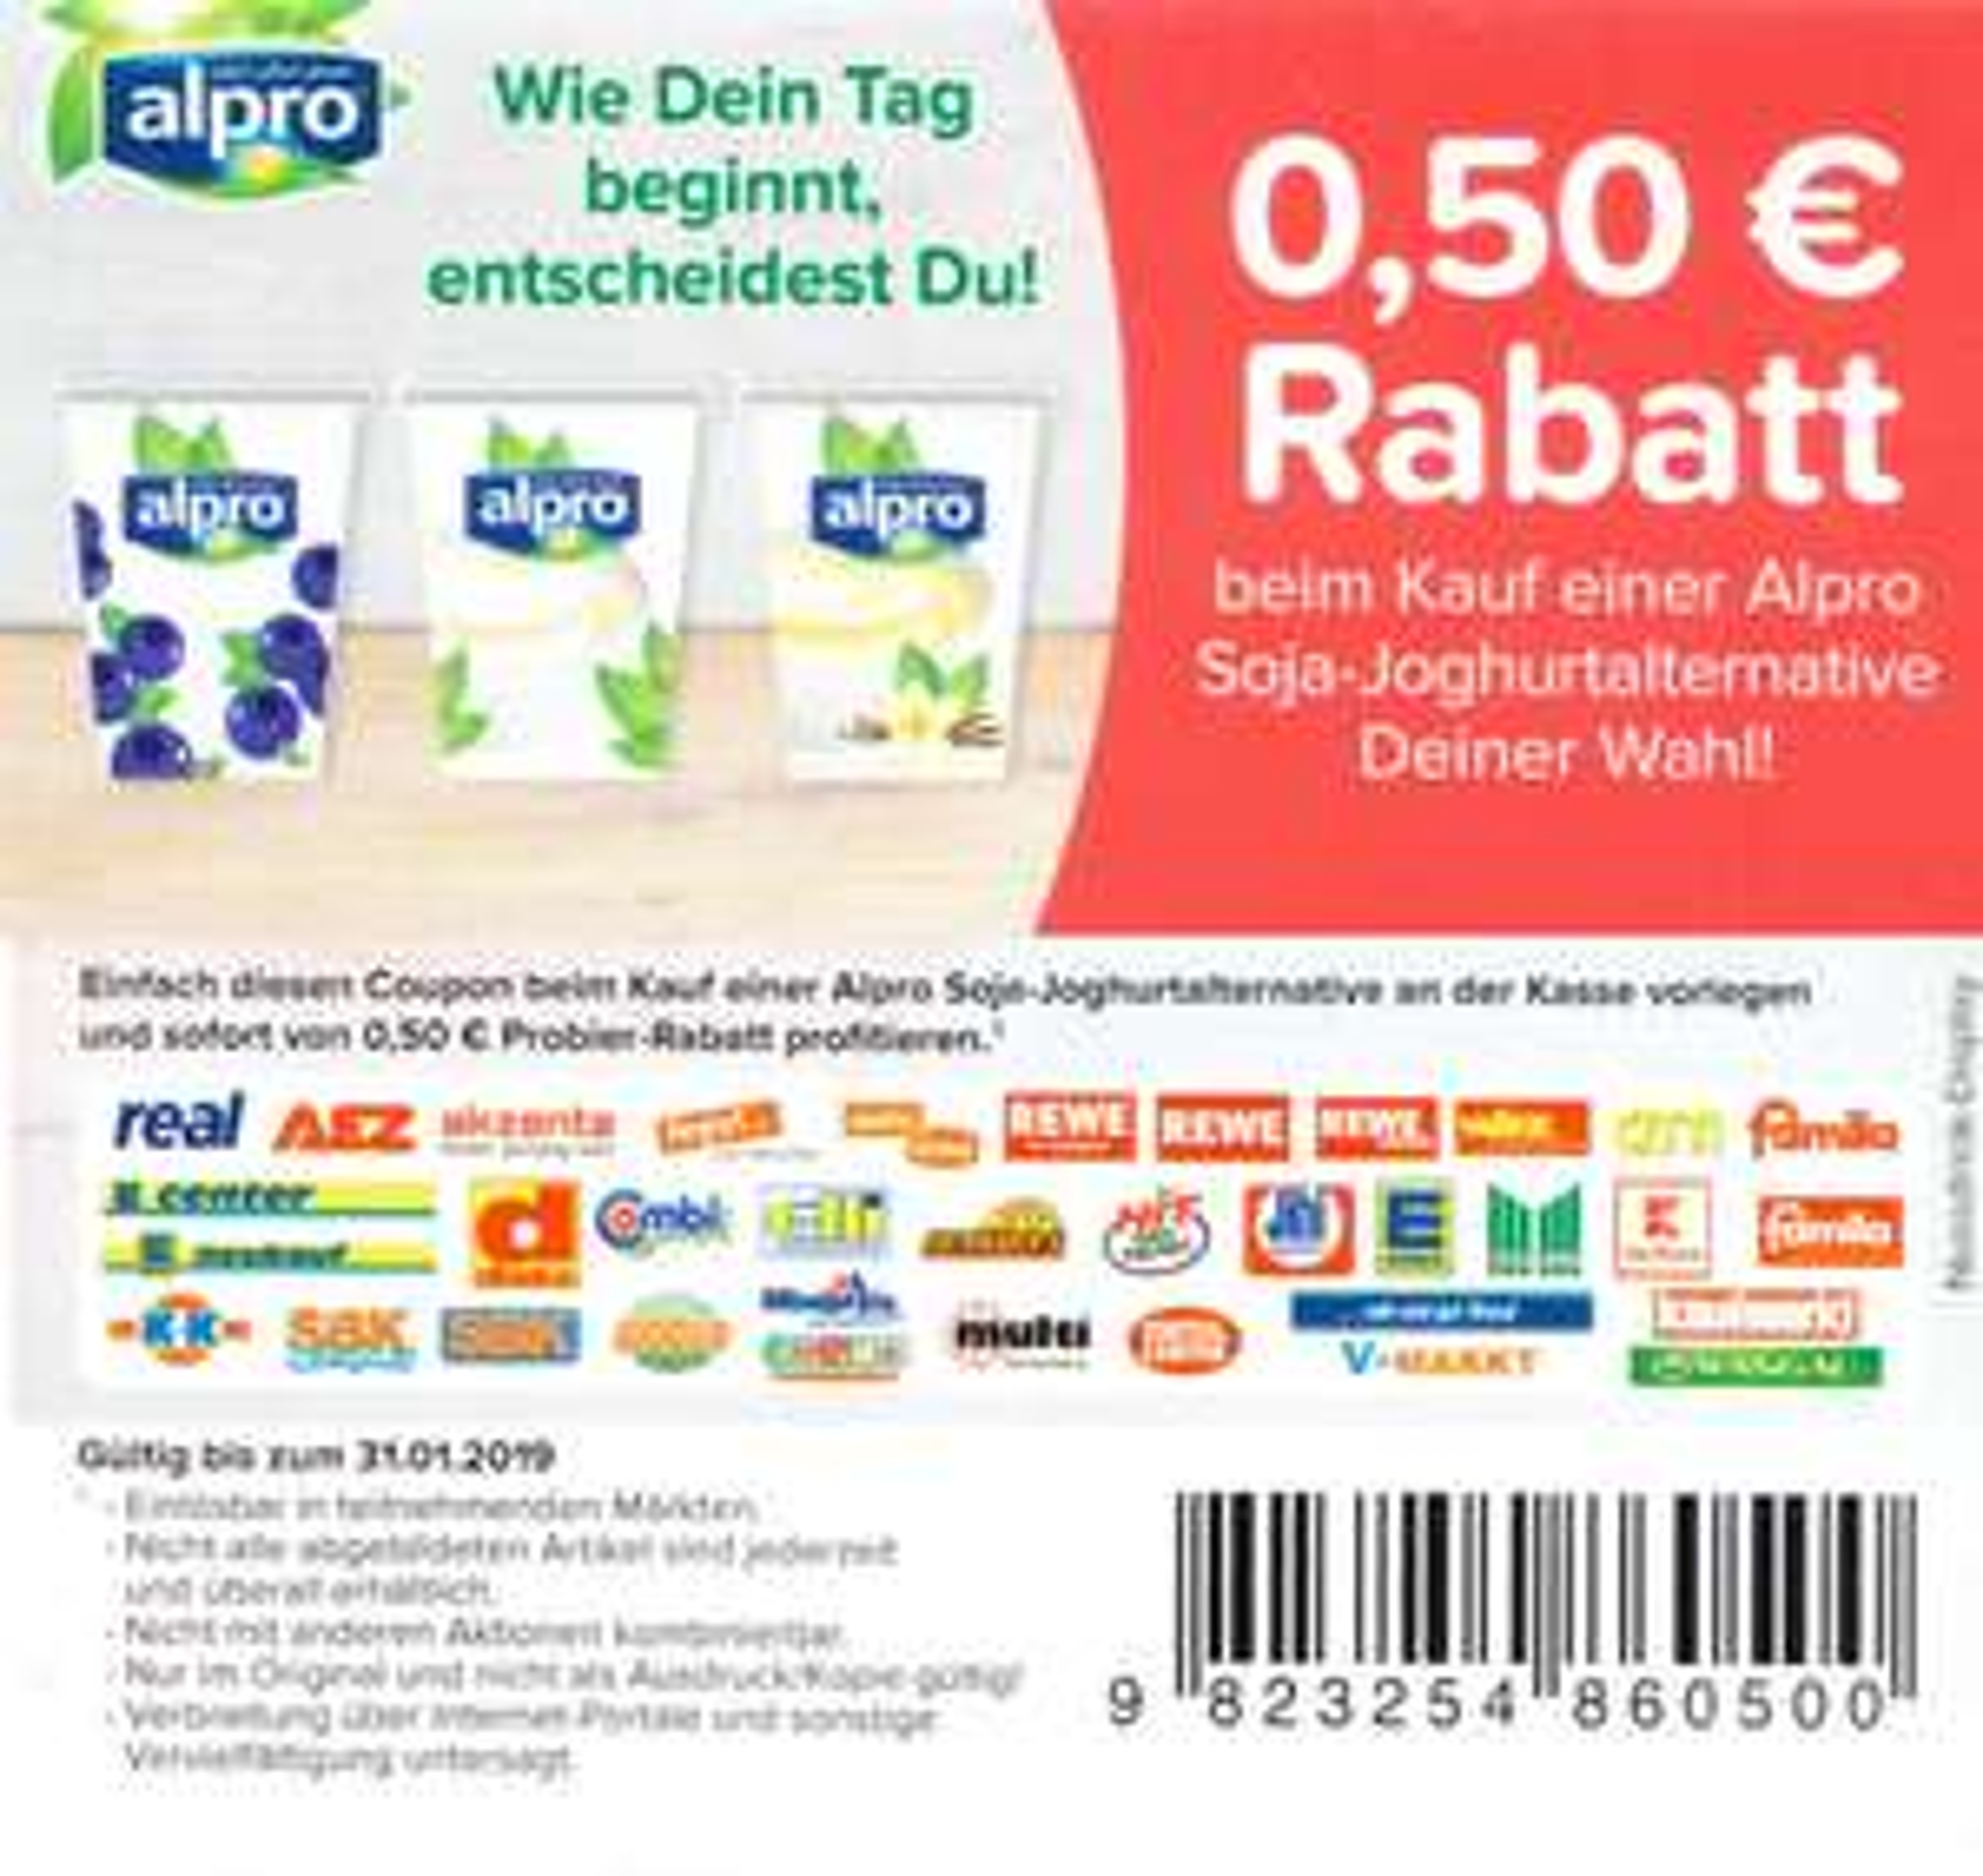 Sofort rabatt coupons lebensmittel